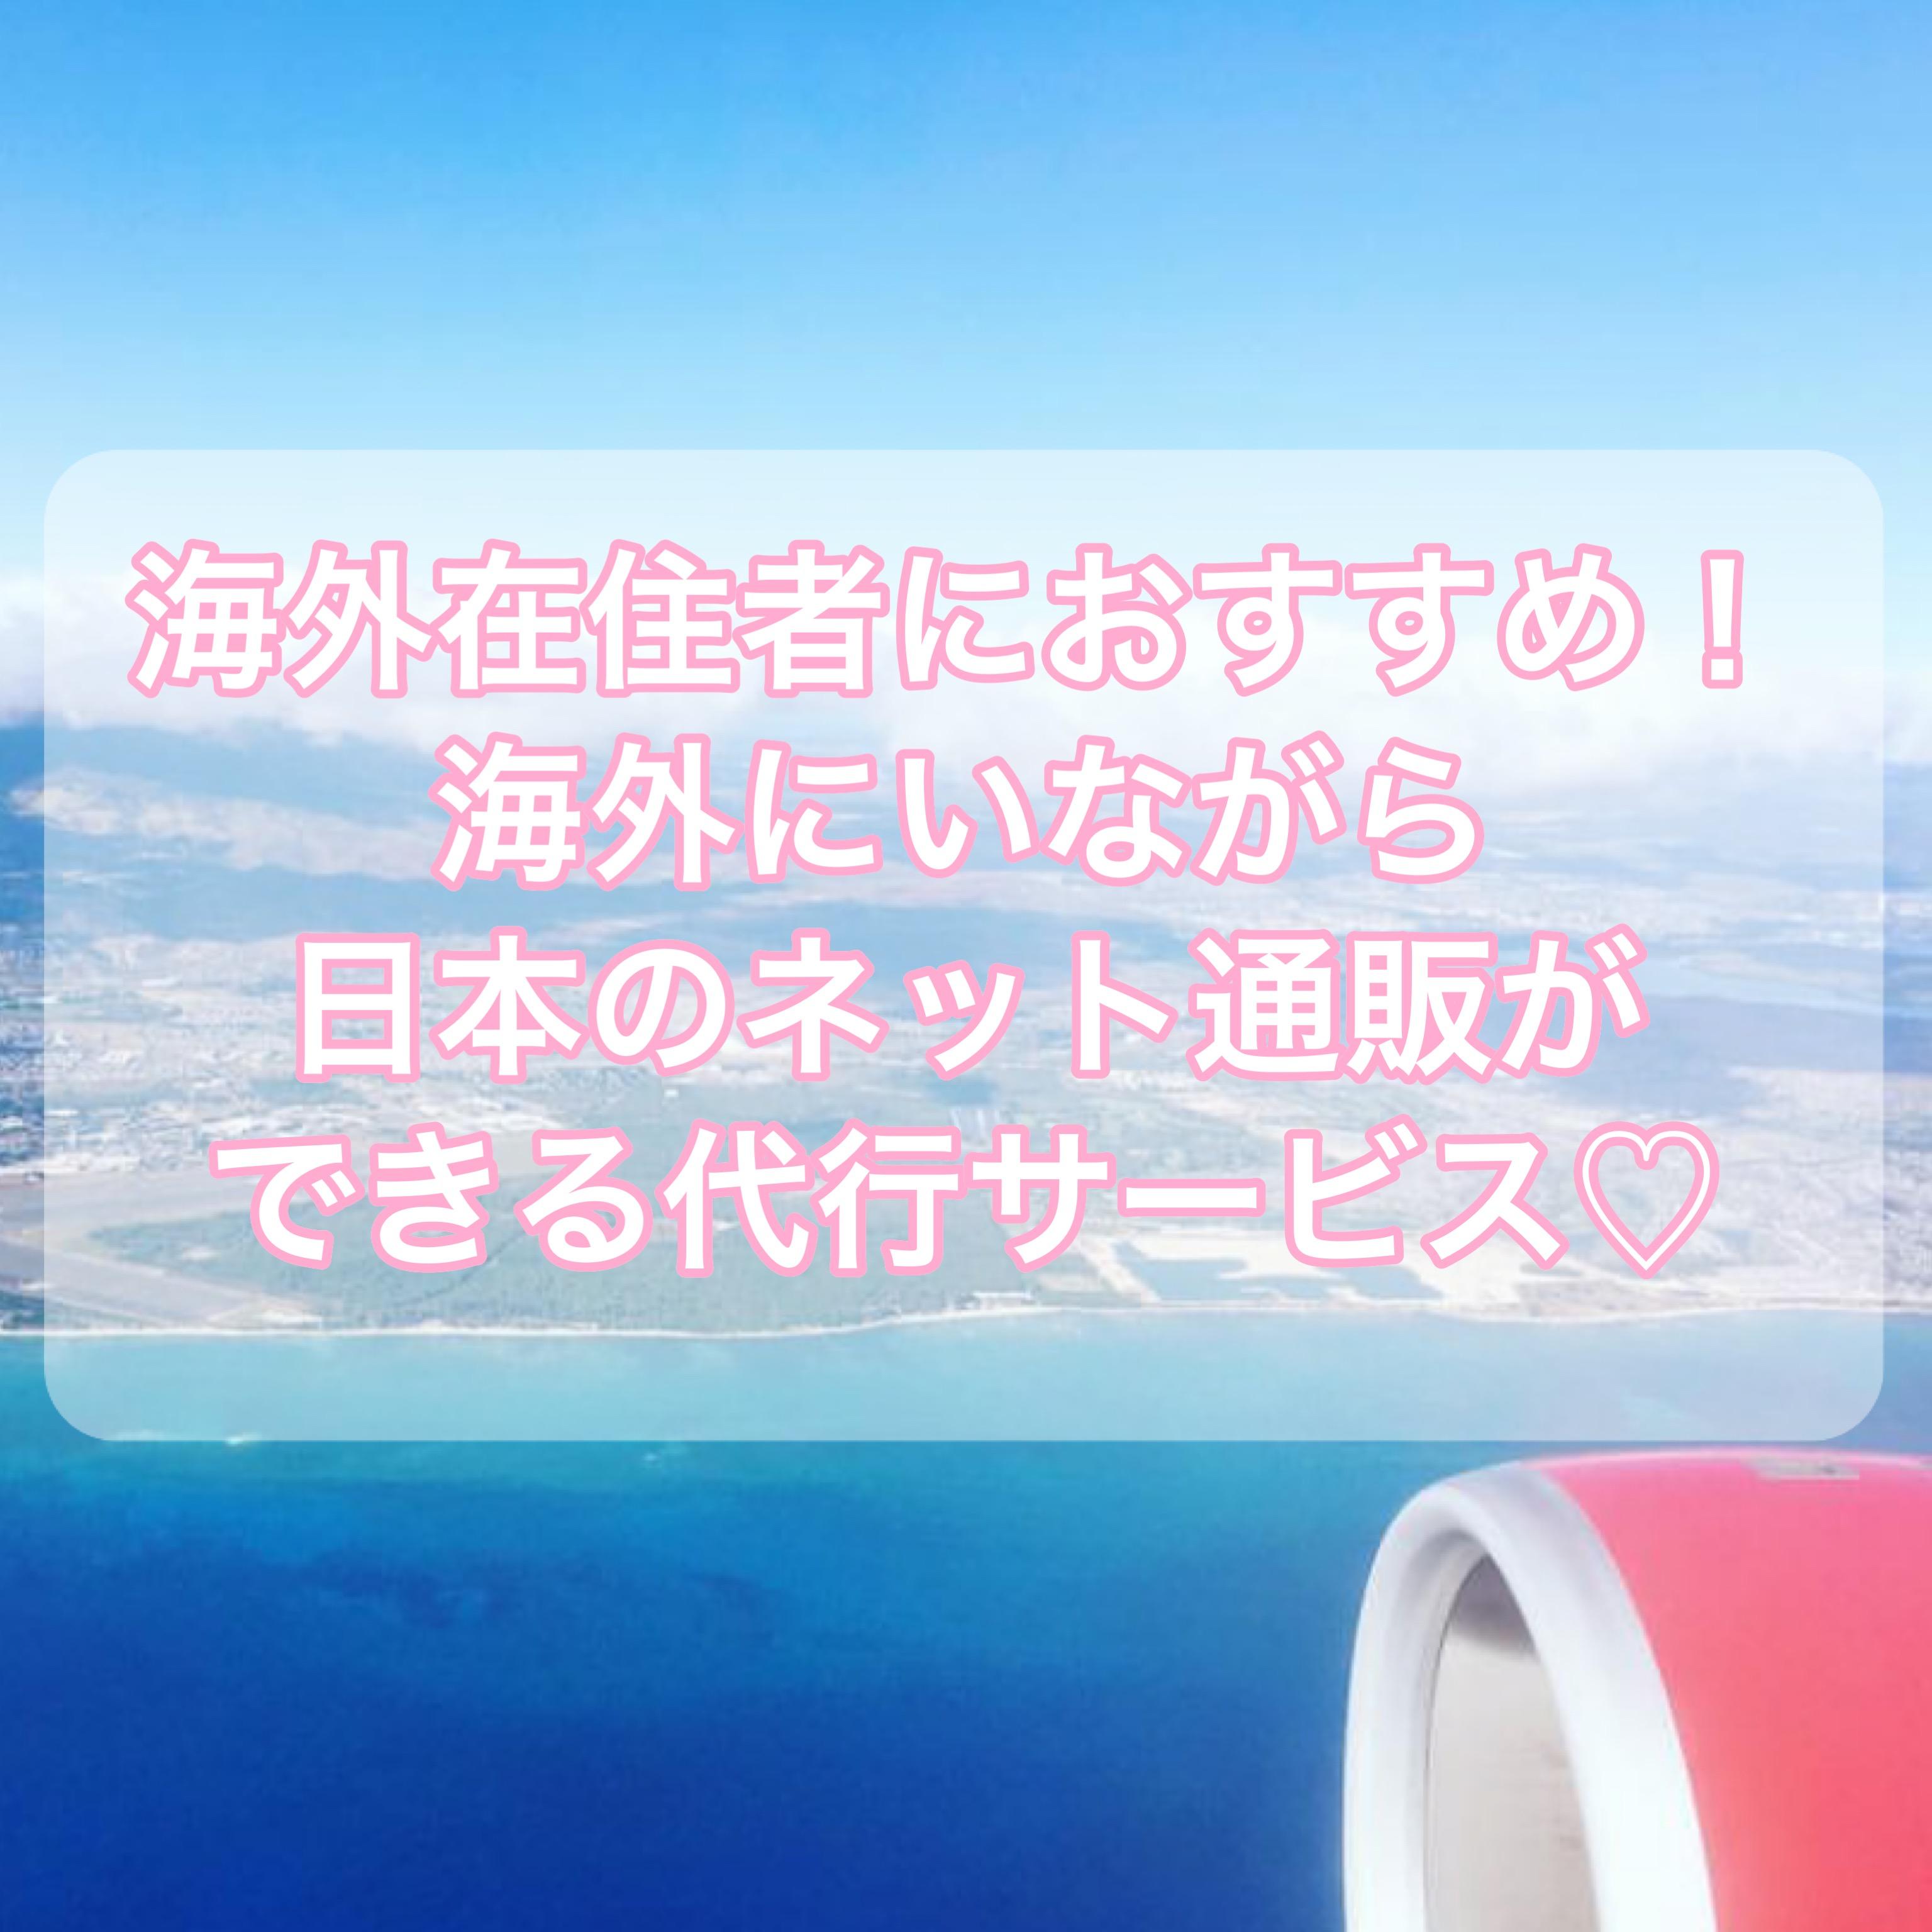 【海外在住者向け】海外で日本のネット通販ができる「ゼンマーケット」【便利】